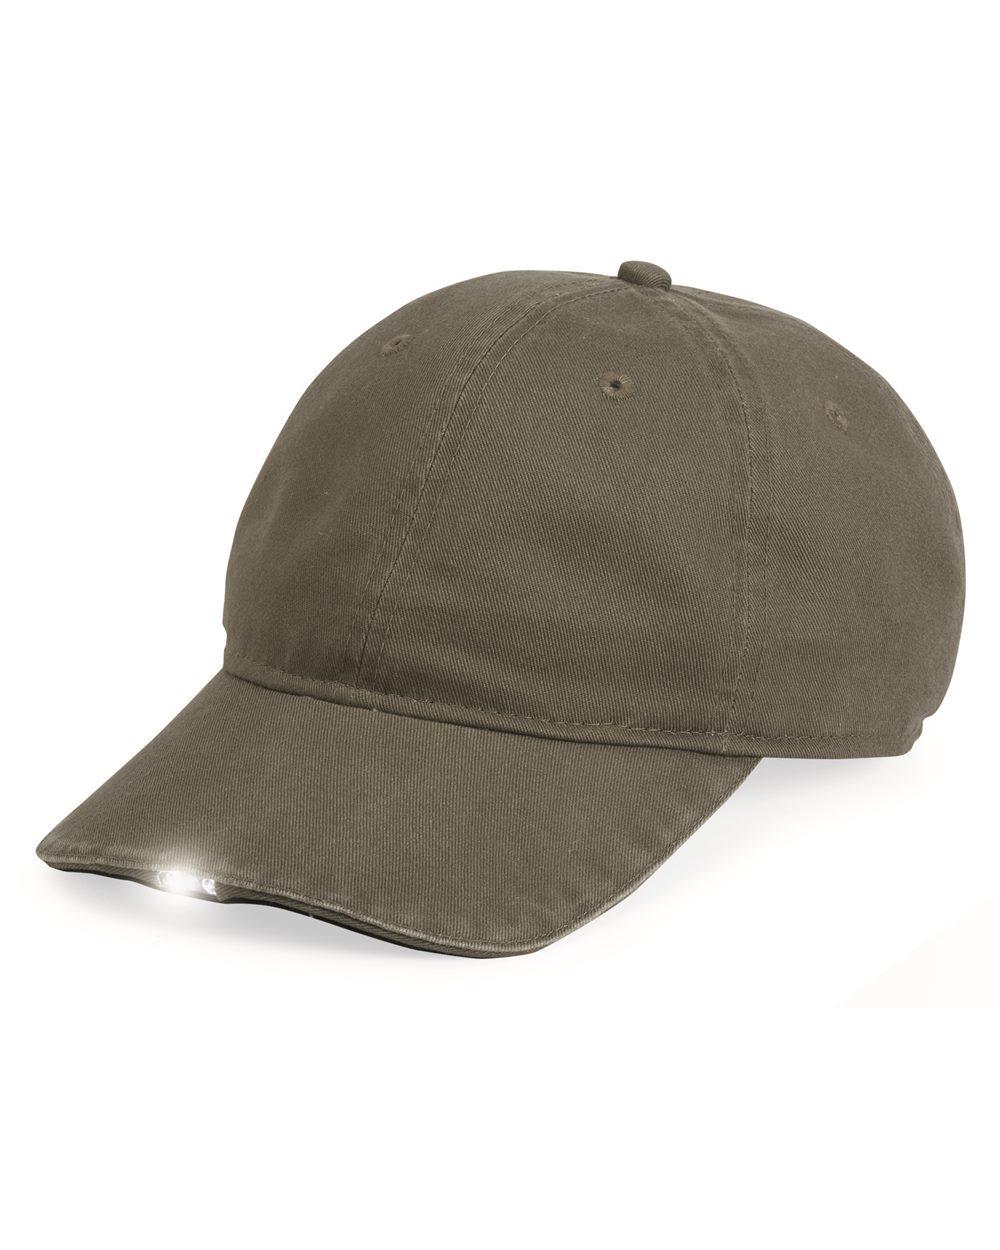 Outdoor Cap HIB652 - Hibeam Lighted Cotton Cap